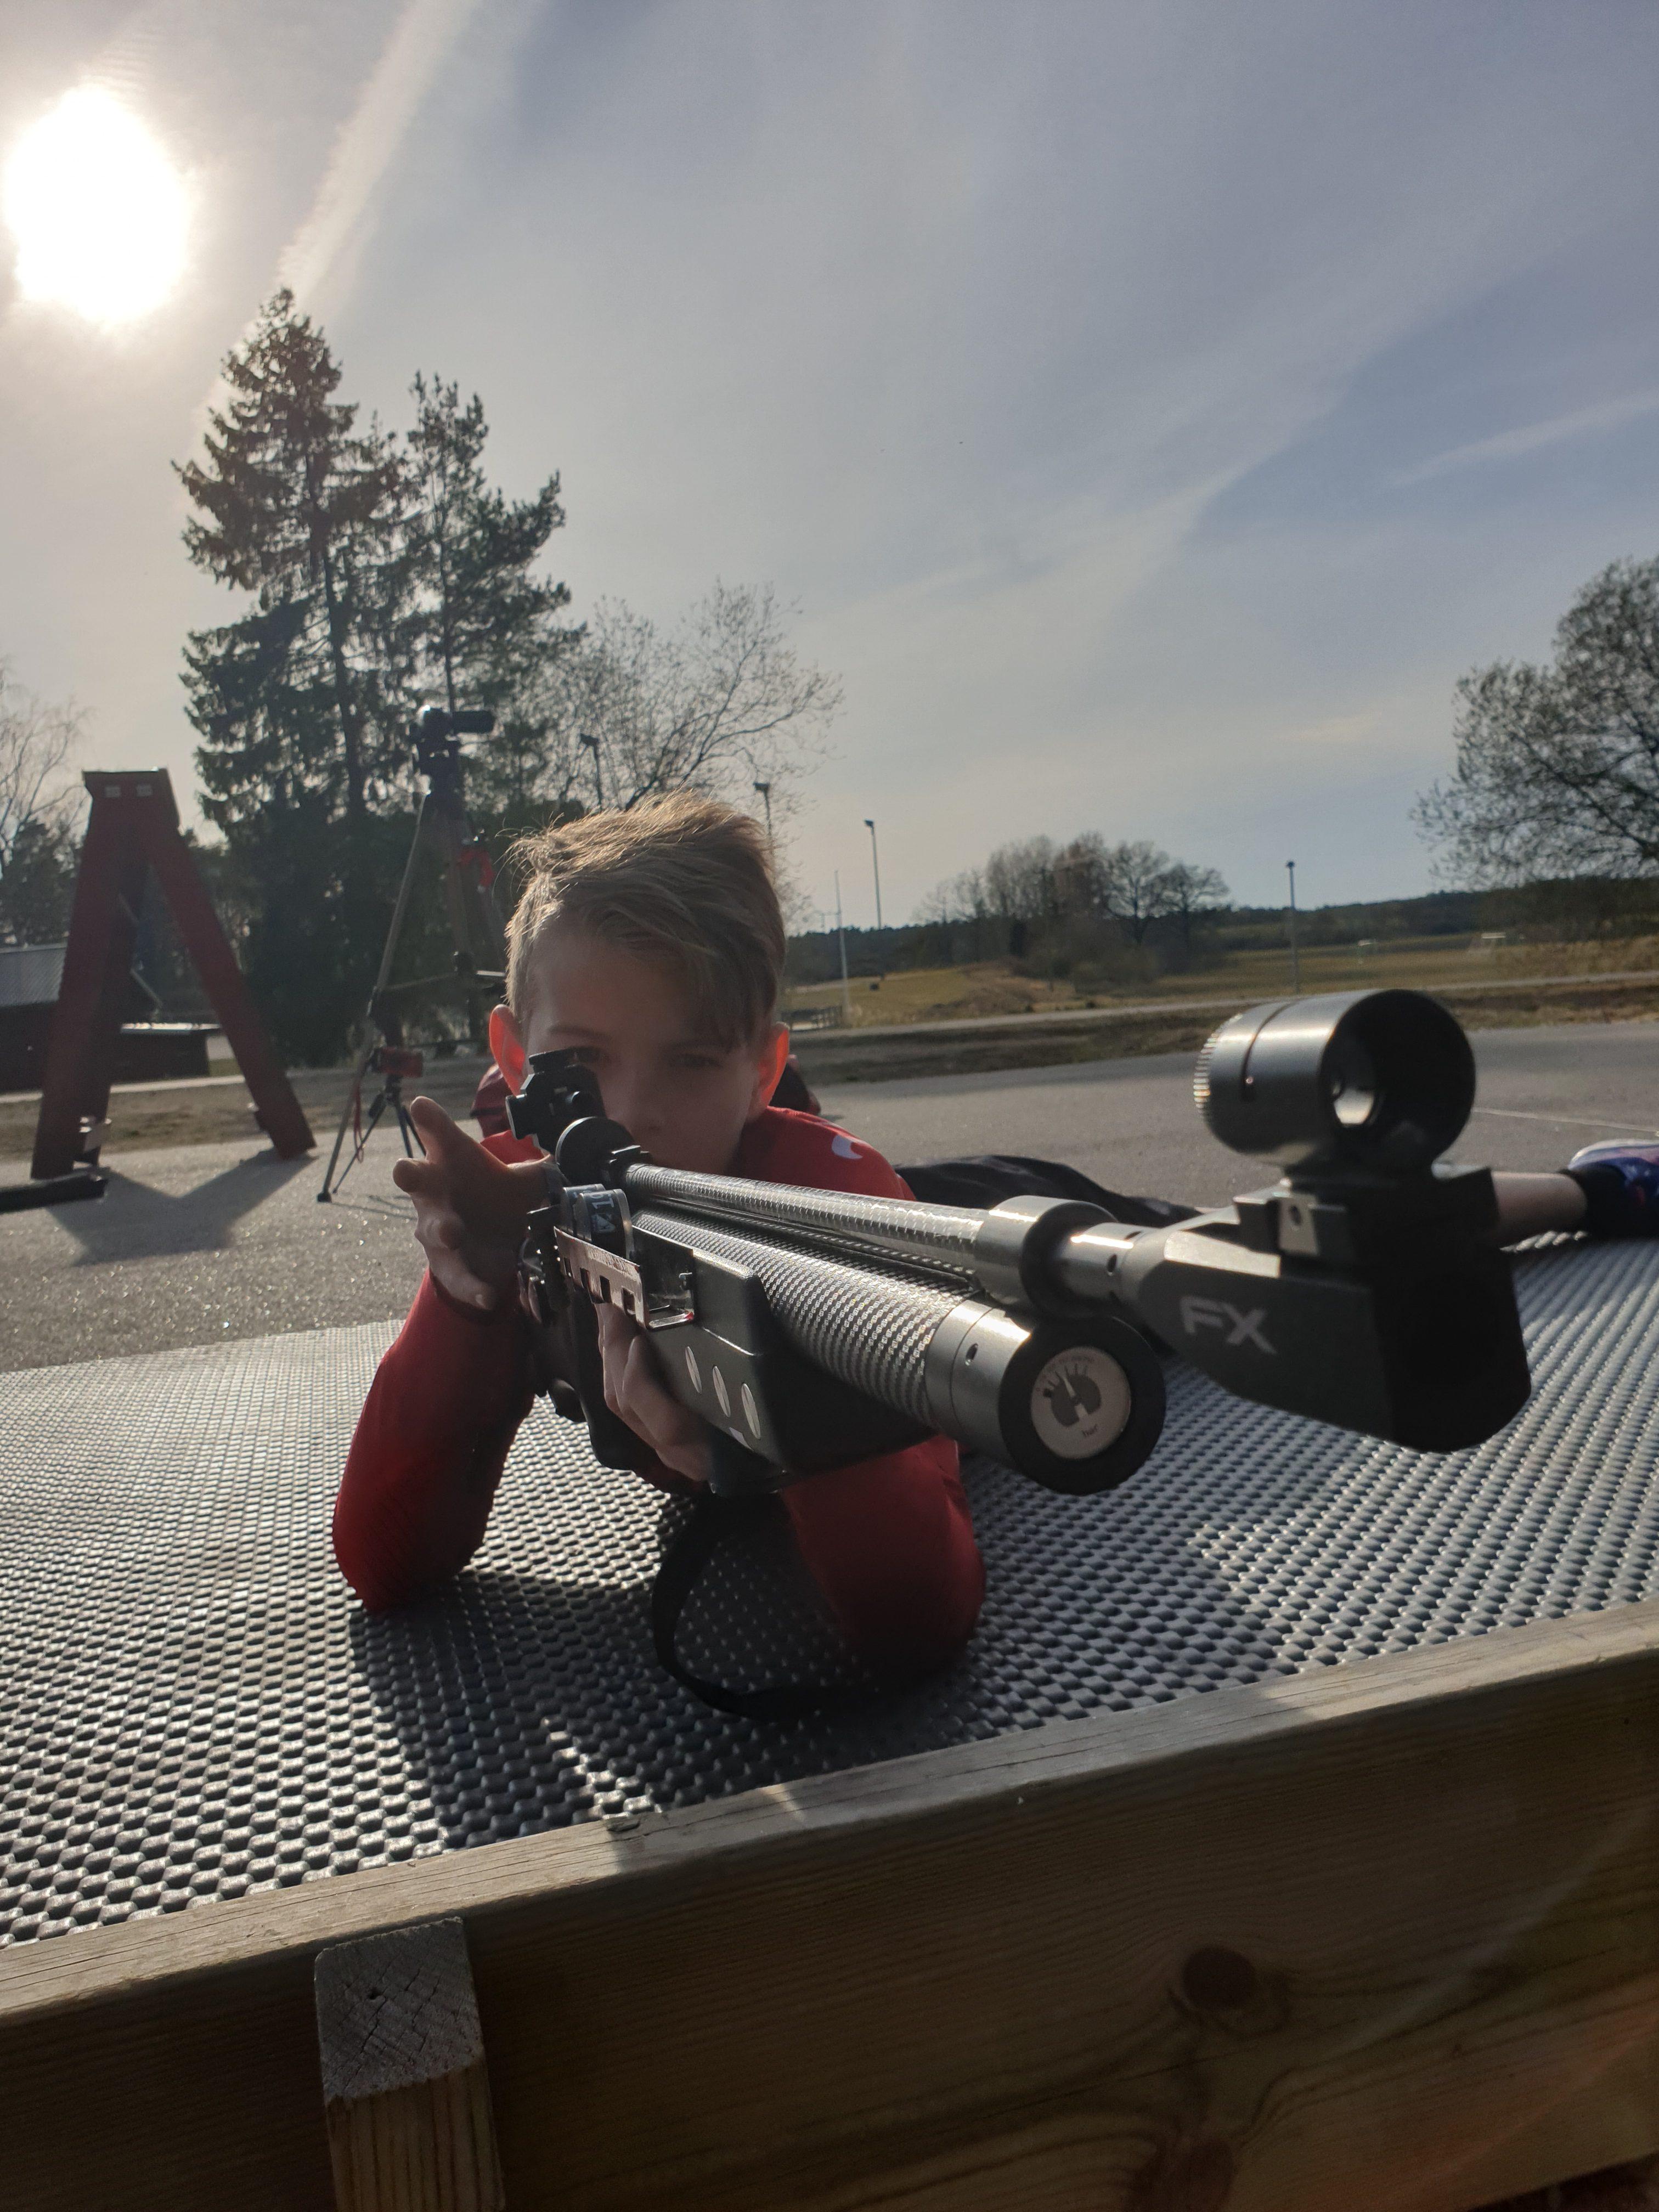 Kimstad Skidskytte Arena John Händel drar 120 skott med rem